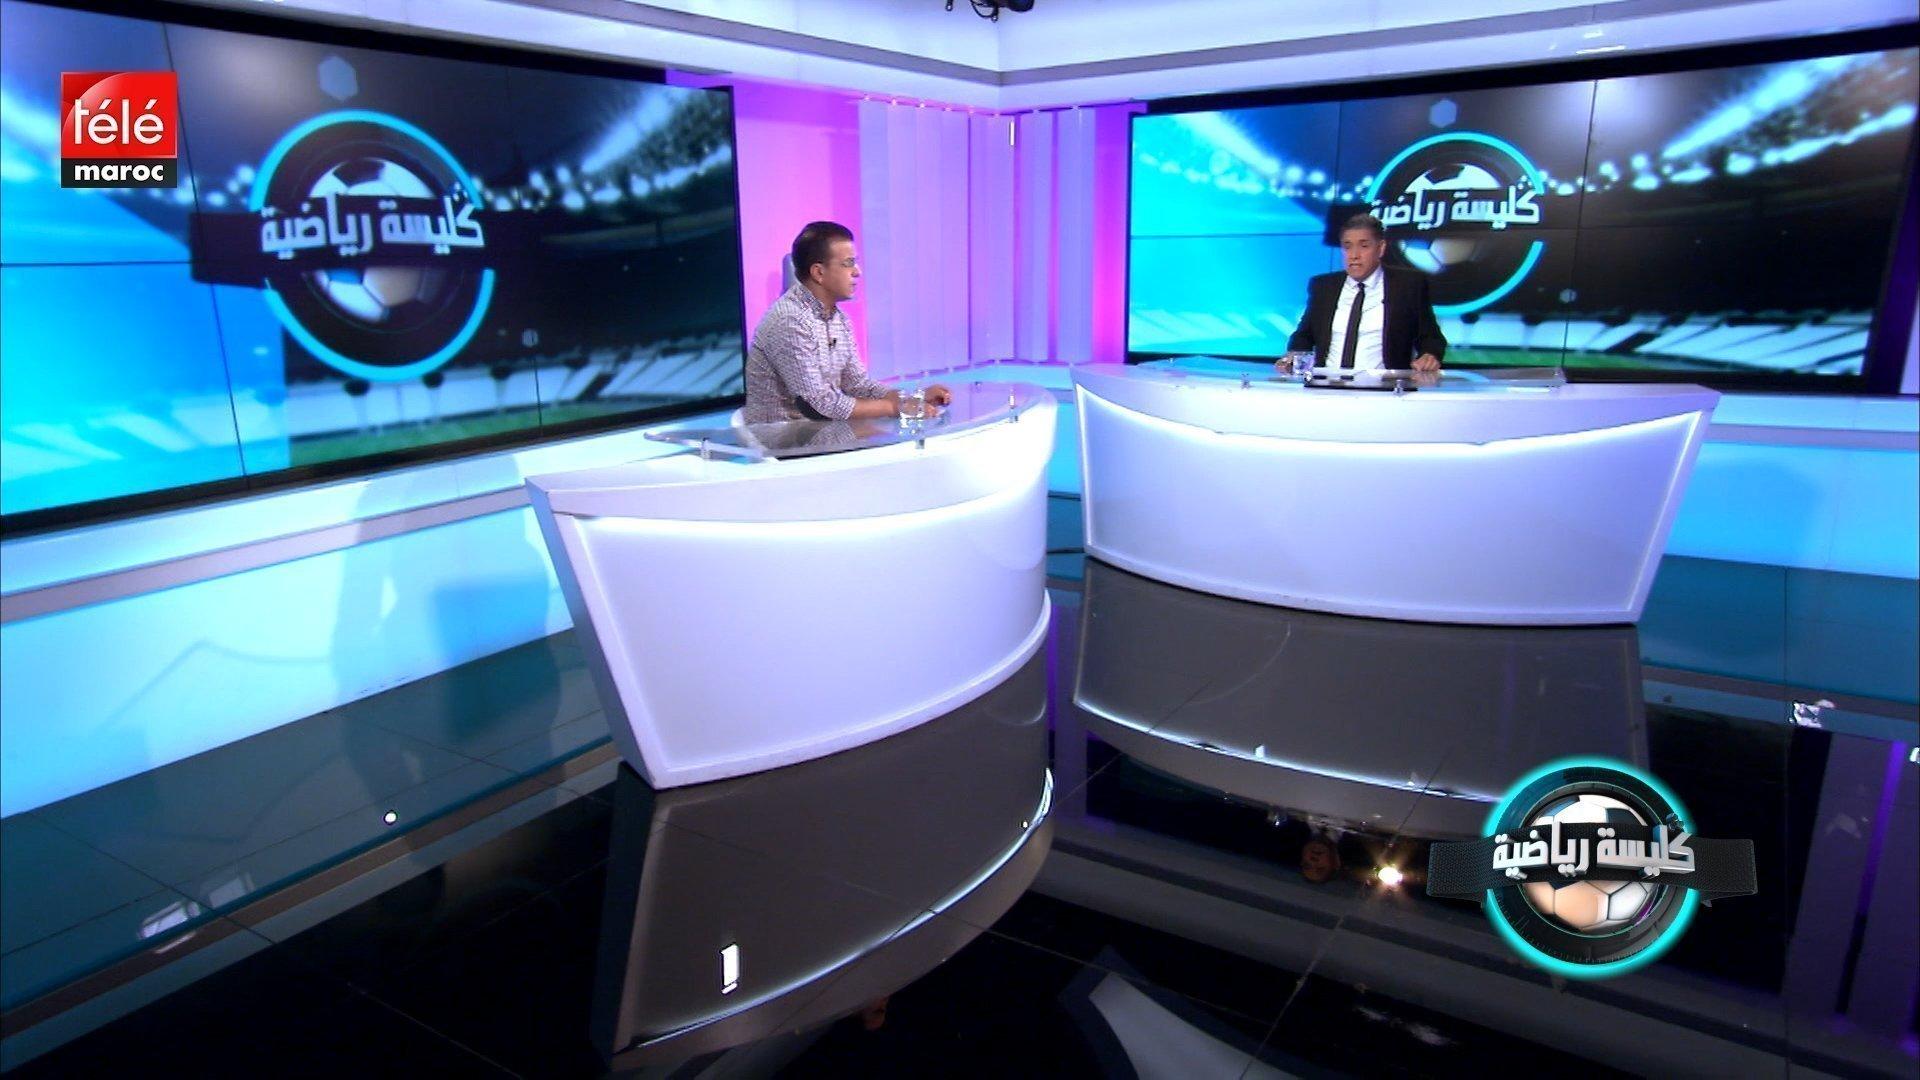 جليسة رياضية: جدل عودة بطولة الهواة وتسريبات الجامعة الملكية المغربية